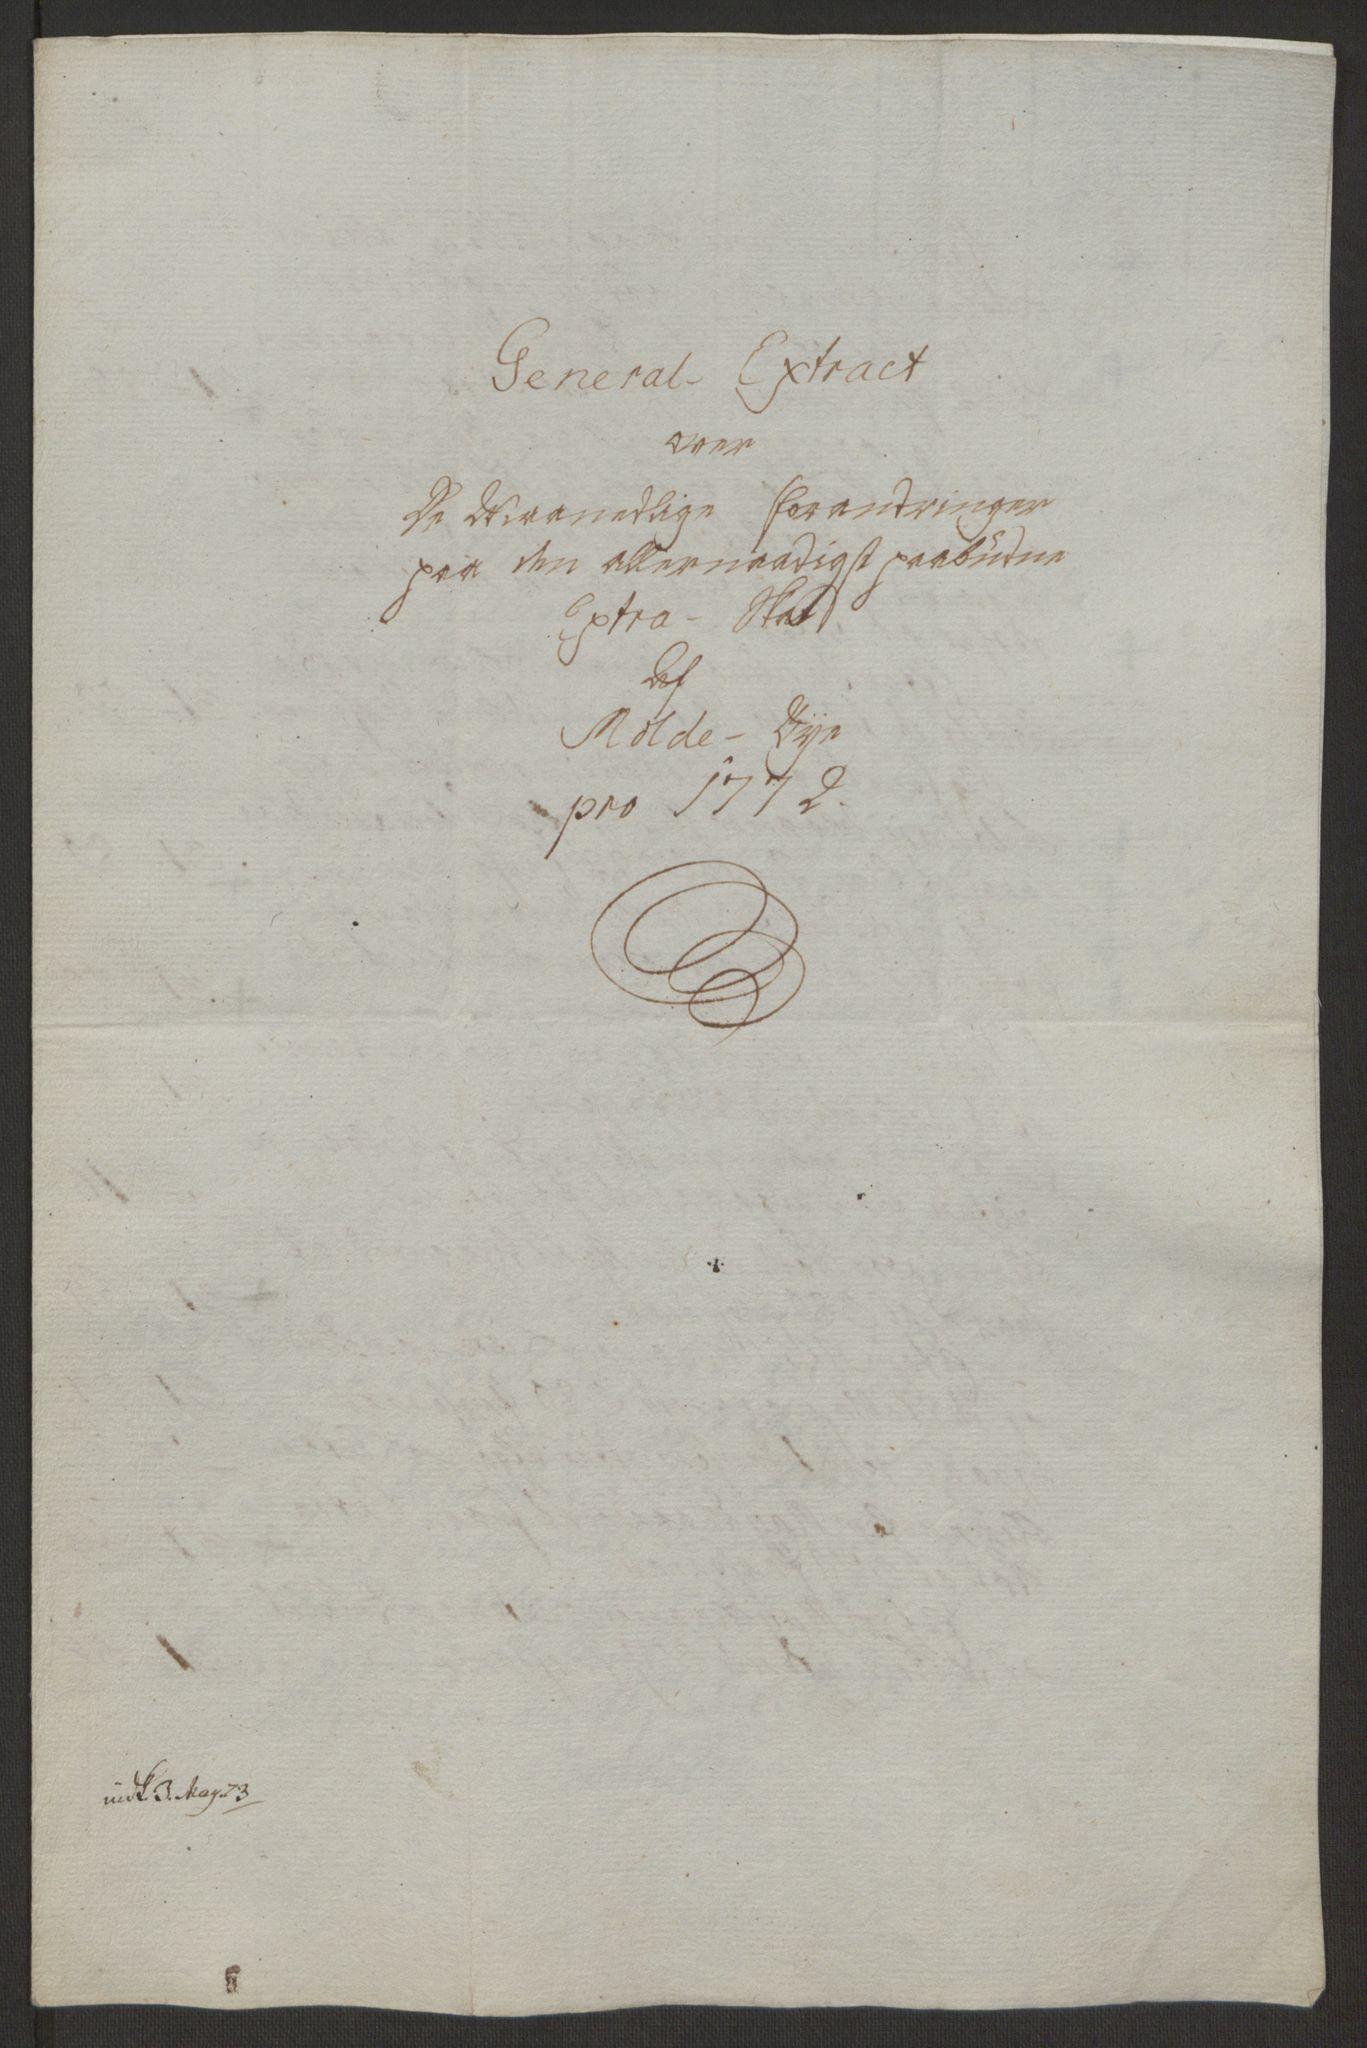 RA, Rentekammeret inntil 1814, Reviderte regnskaper, Byregnskaper, R/Rq/L0487: [Q1] Kontribusjonsregnskap, 1762-1772, s. 218